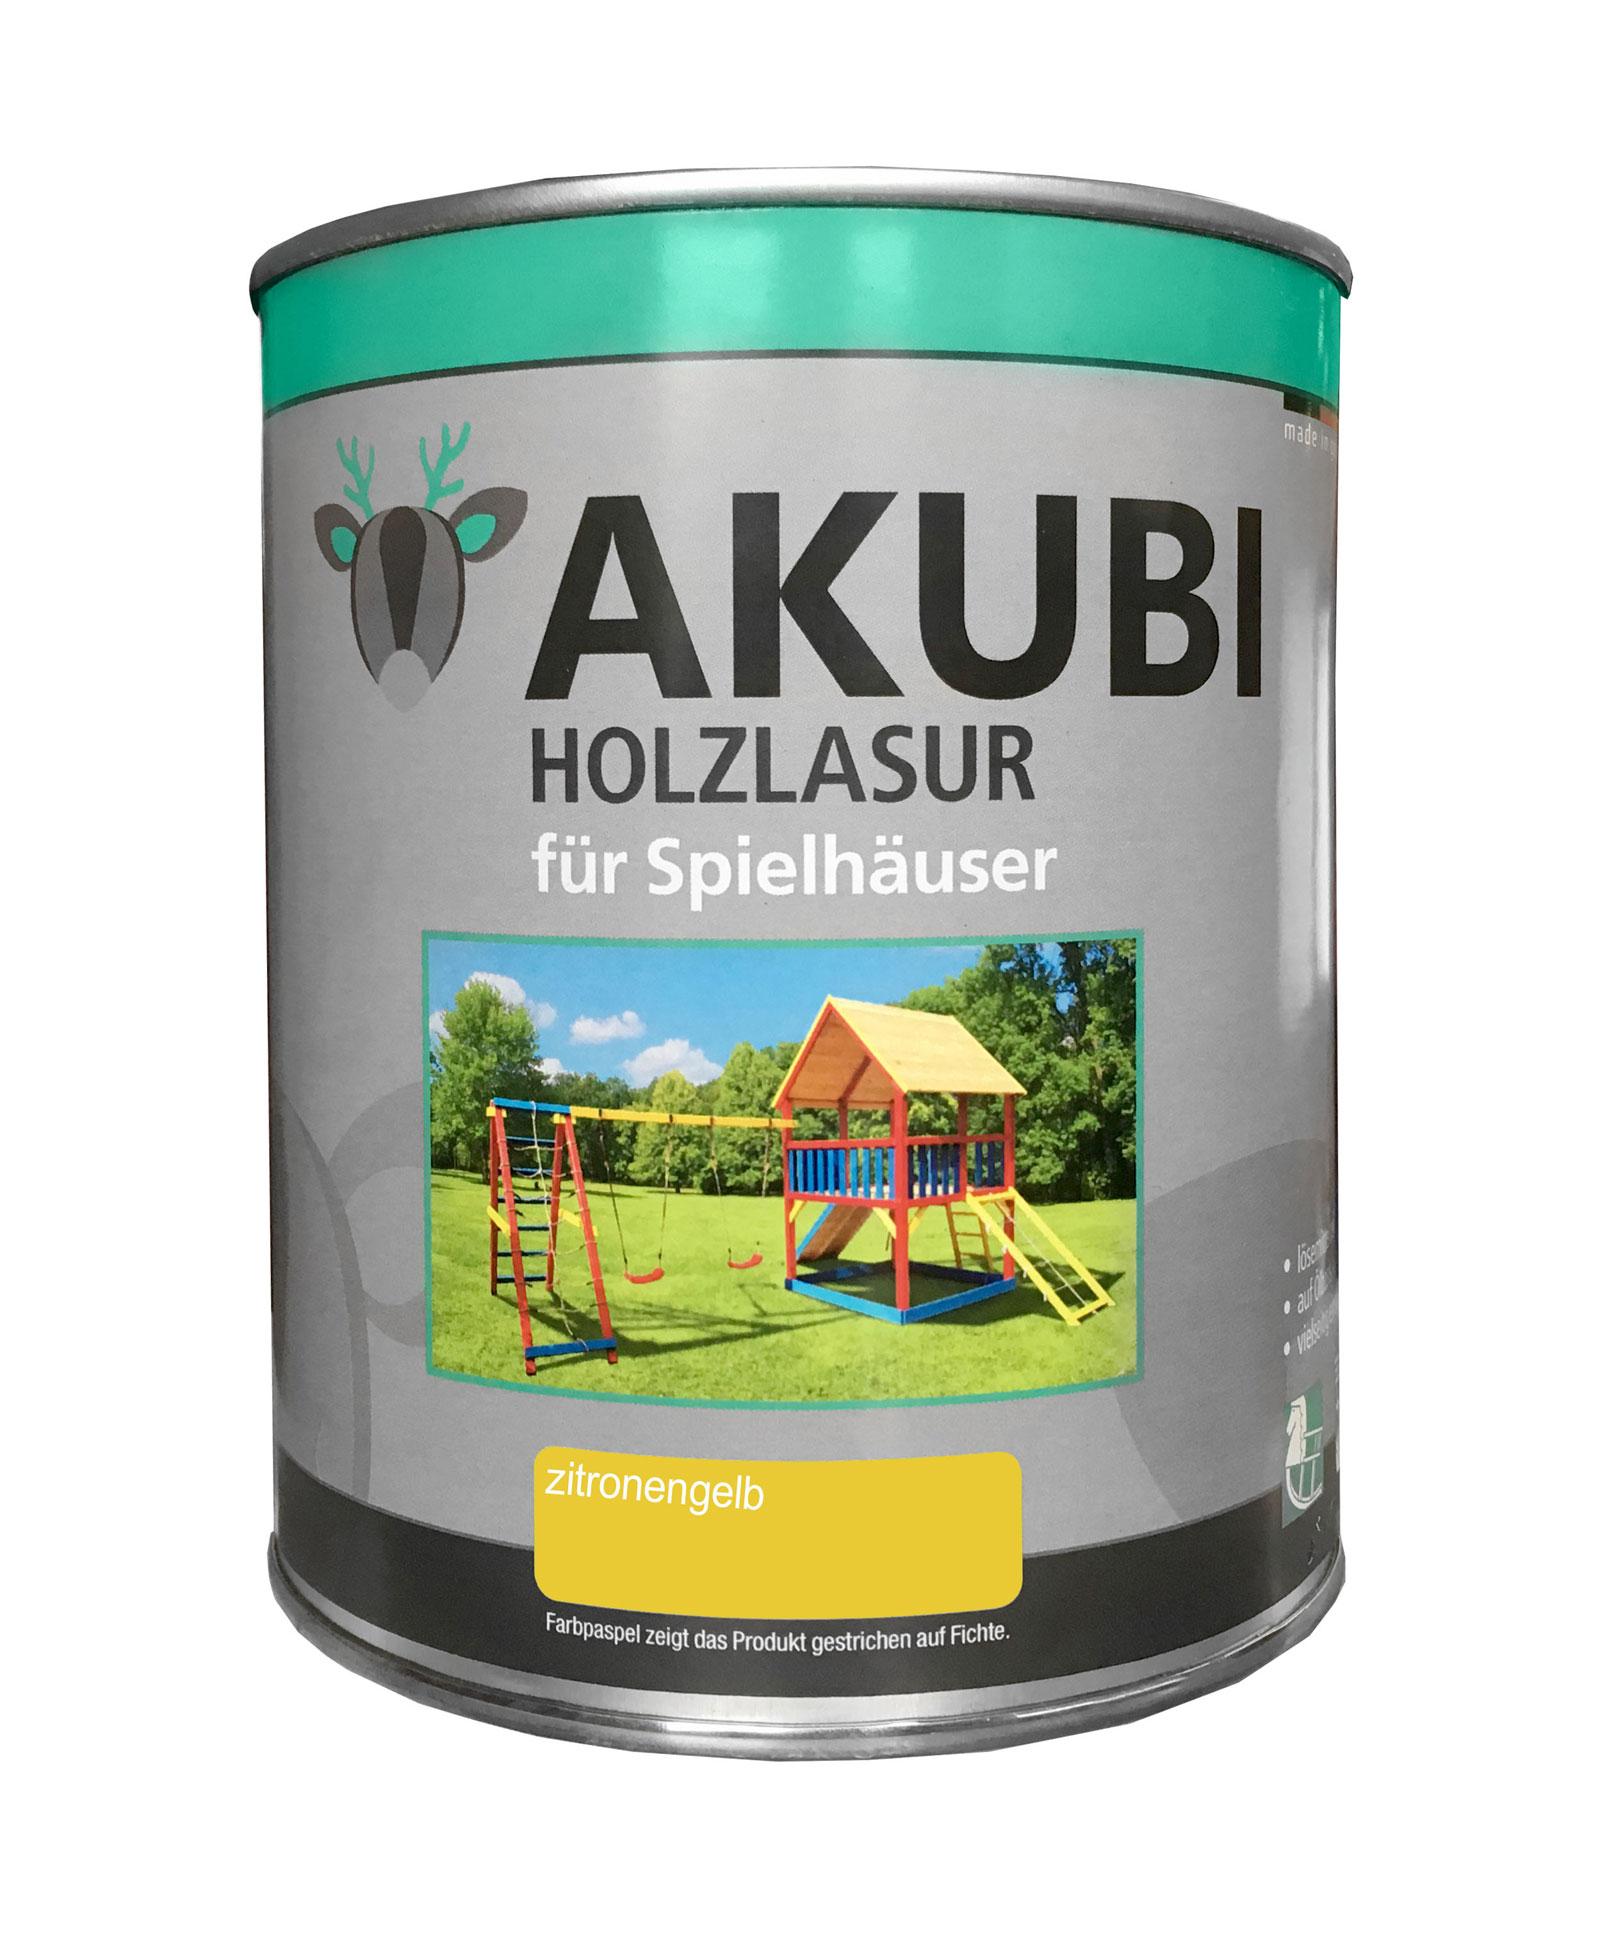 Karibu Akubi Holzlasur Set für Spielhäuser 750 ml zitronengelb Bild 1